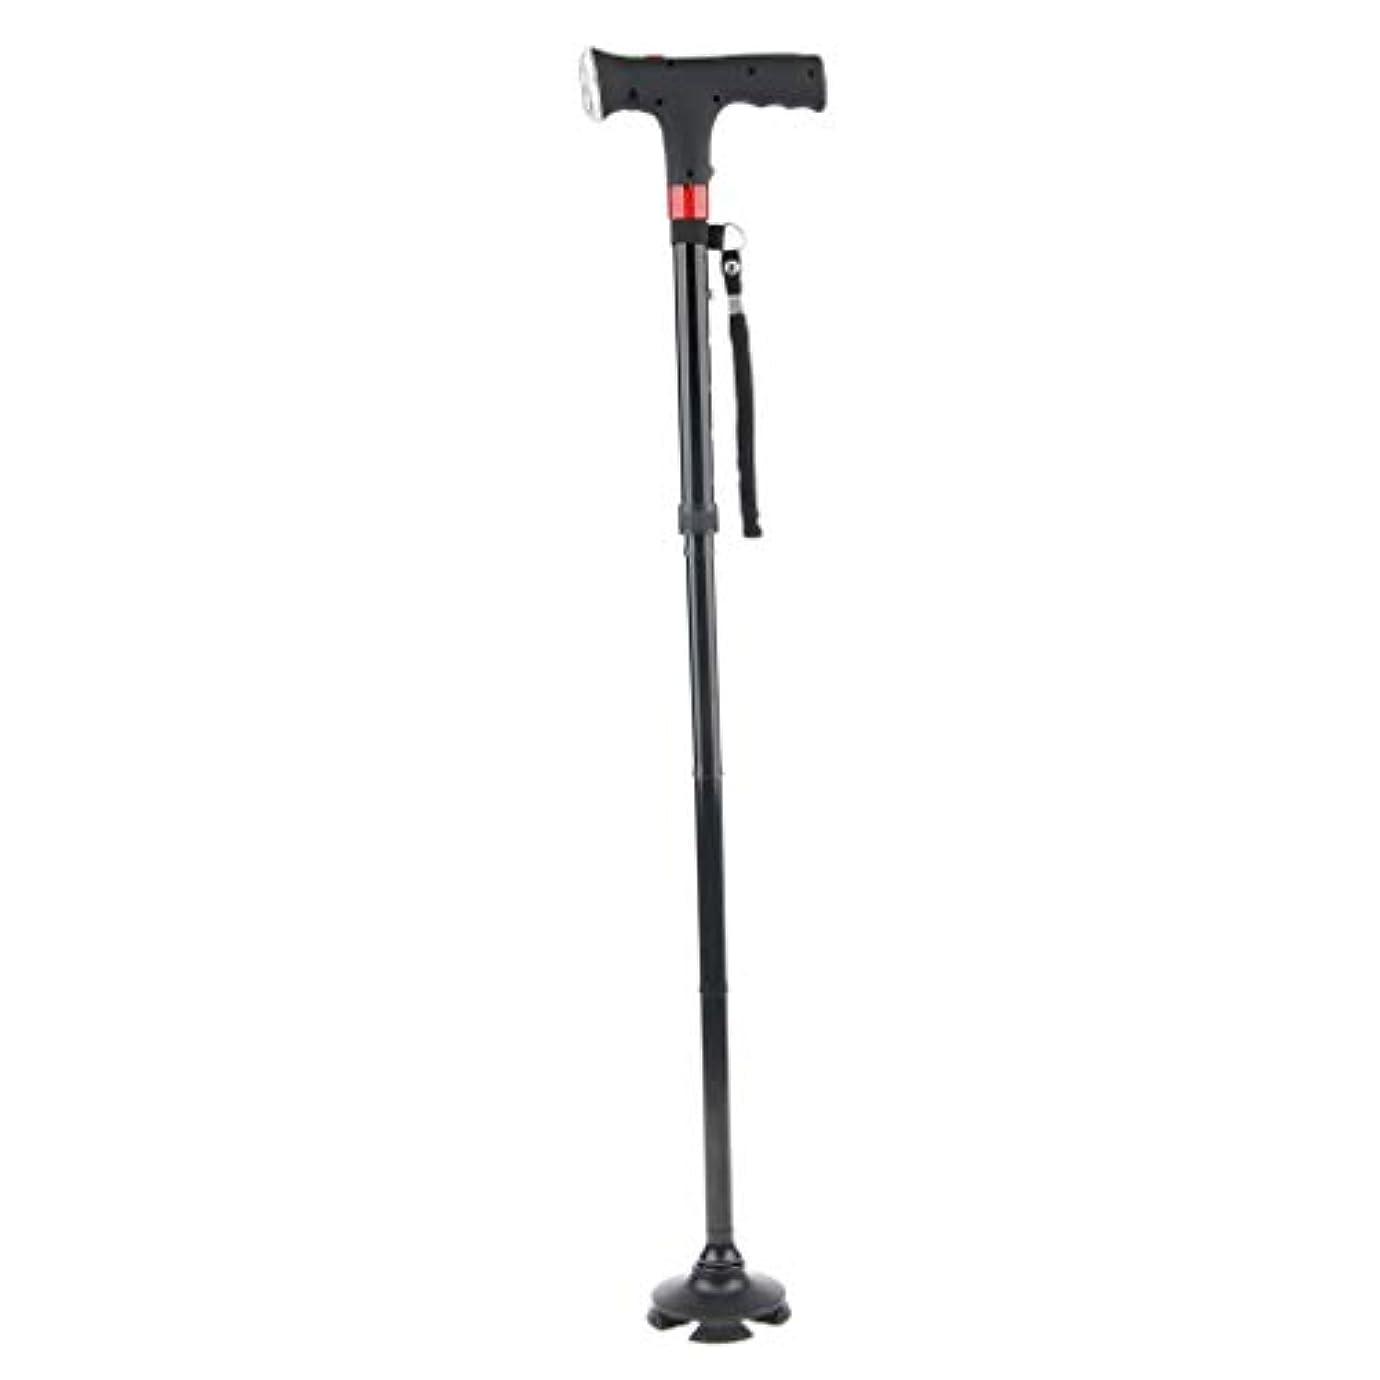 空白効率率直なウォーキングスティック 歩行補助 四足 滑り止め 合金製 軽量 折り畳み式 高齢者 LEDライト